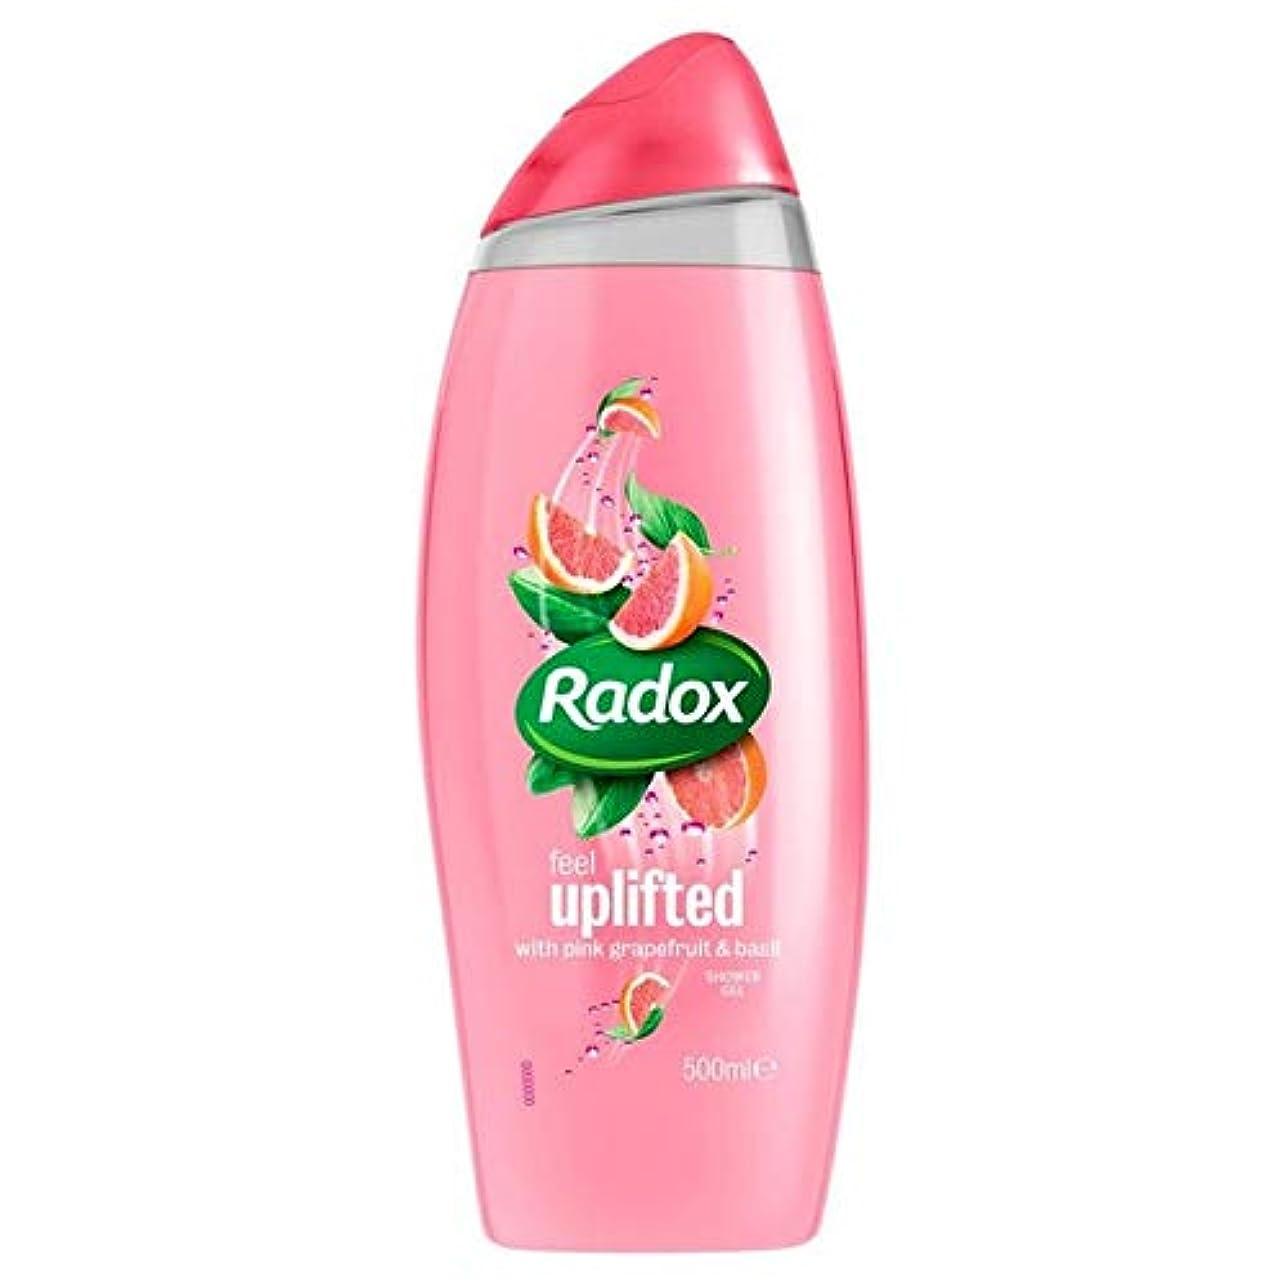 灌漑セント学ぶ[Radox] Radox感隆起シャワージェル500ミリリットル - Radox Feel Uplifted Shower Gel 500ml [並行輸入品]